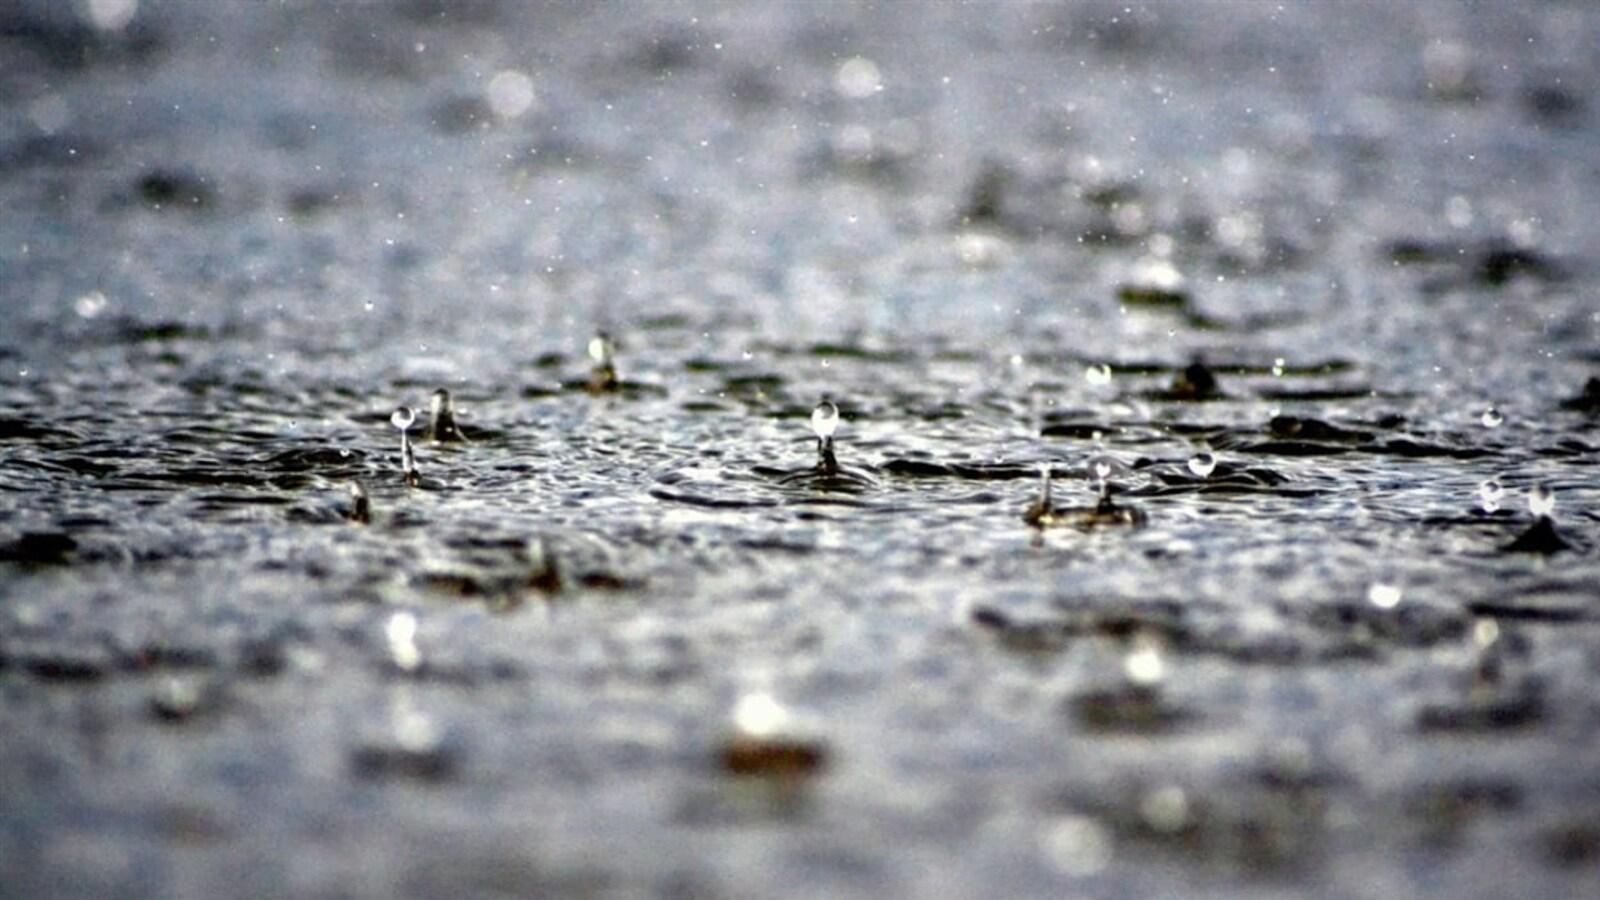 Des gouttes de pluie sur un sol trempé.